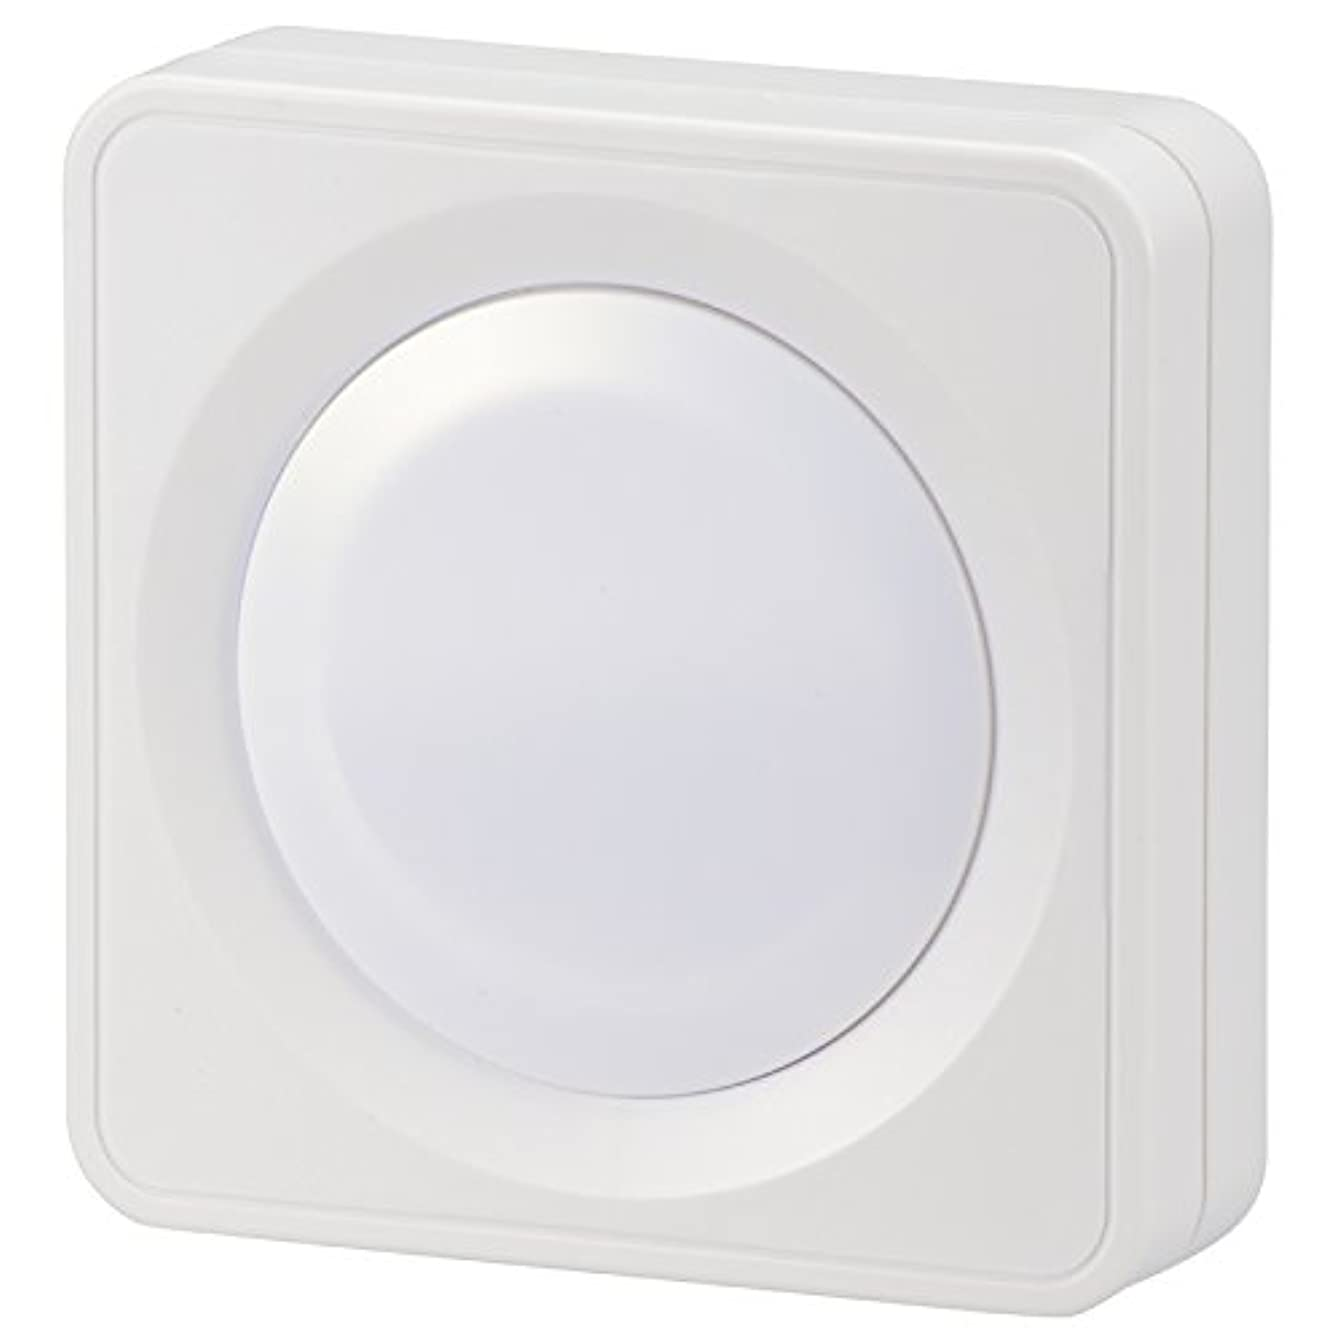 称賛渦悲観主義者オーム電機 LEDプッシュライト 単3形×3本 白色LED NIT-BLA6PH-WN